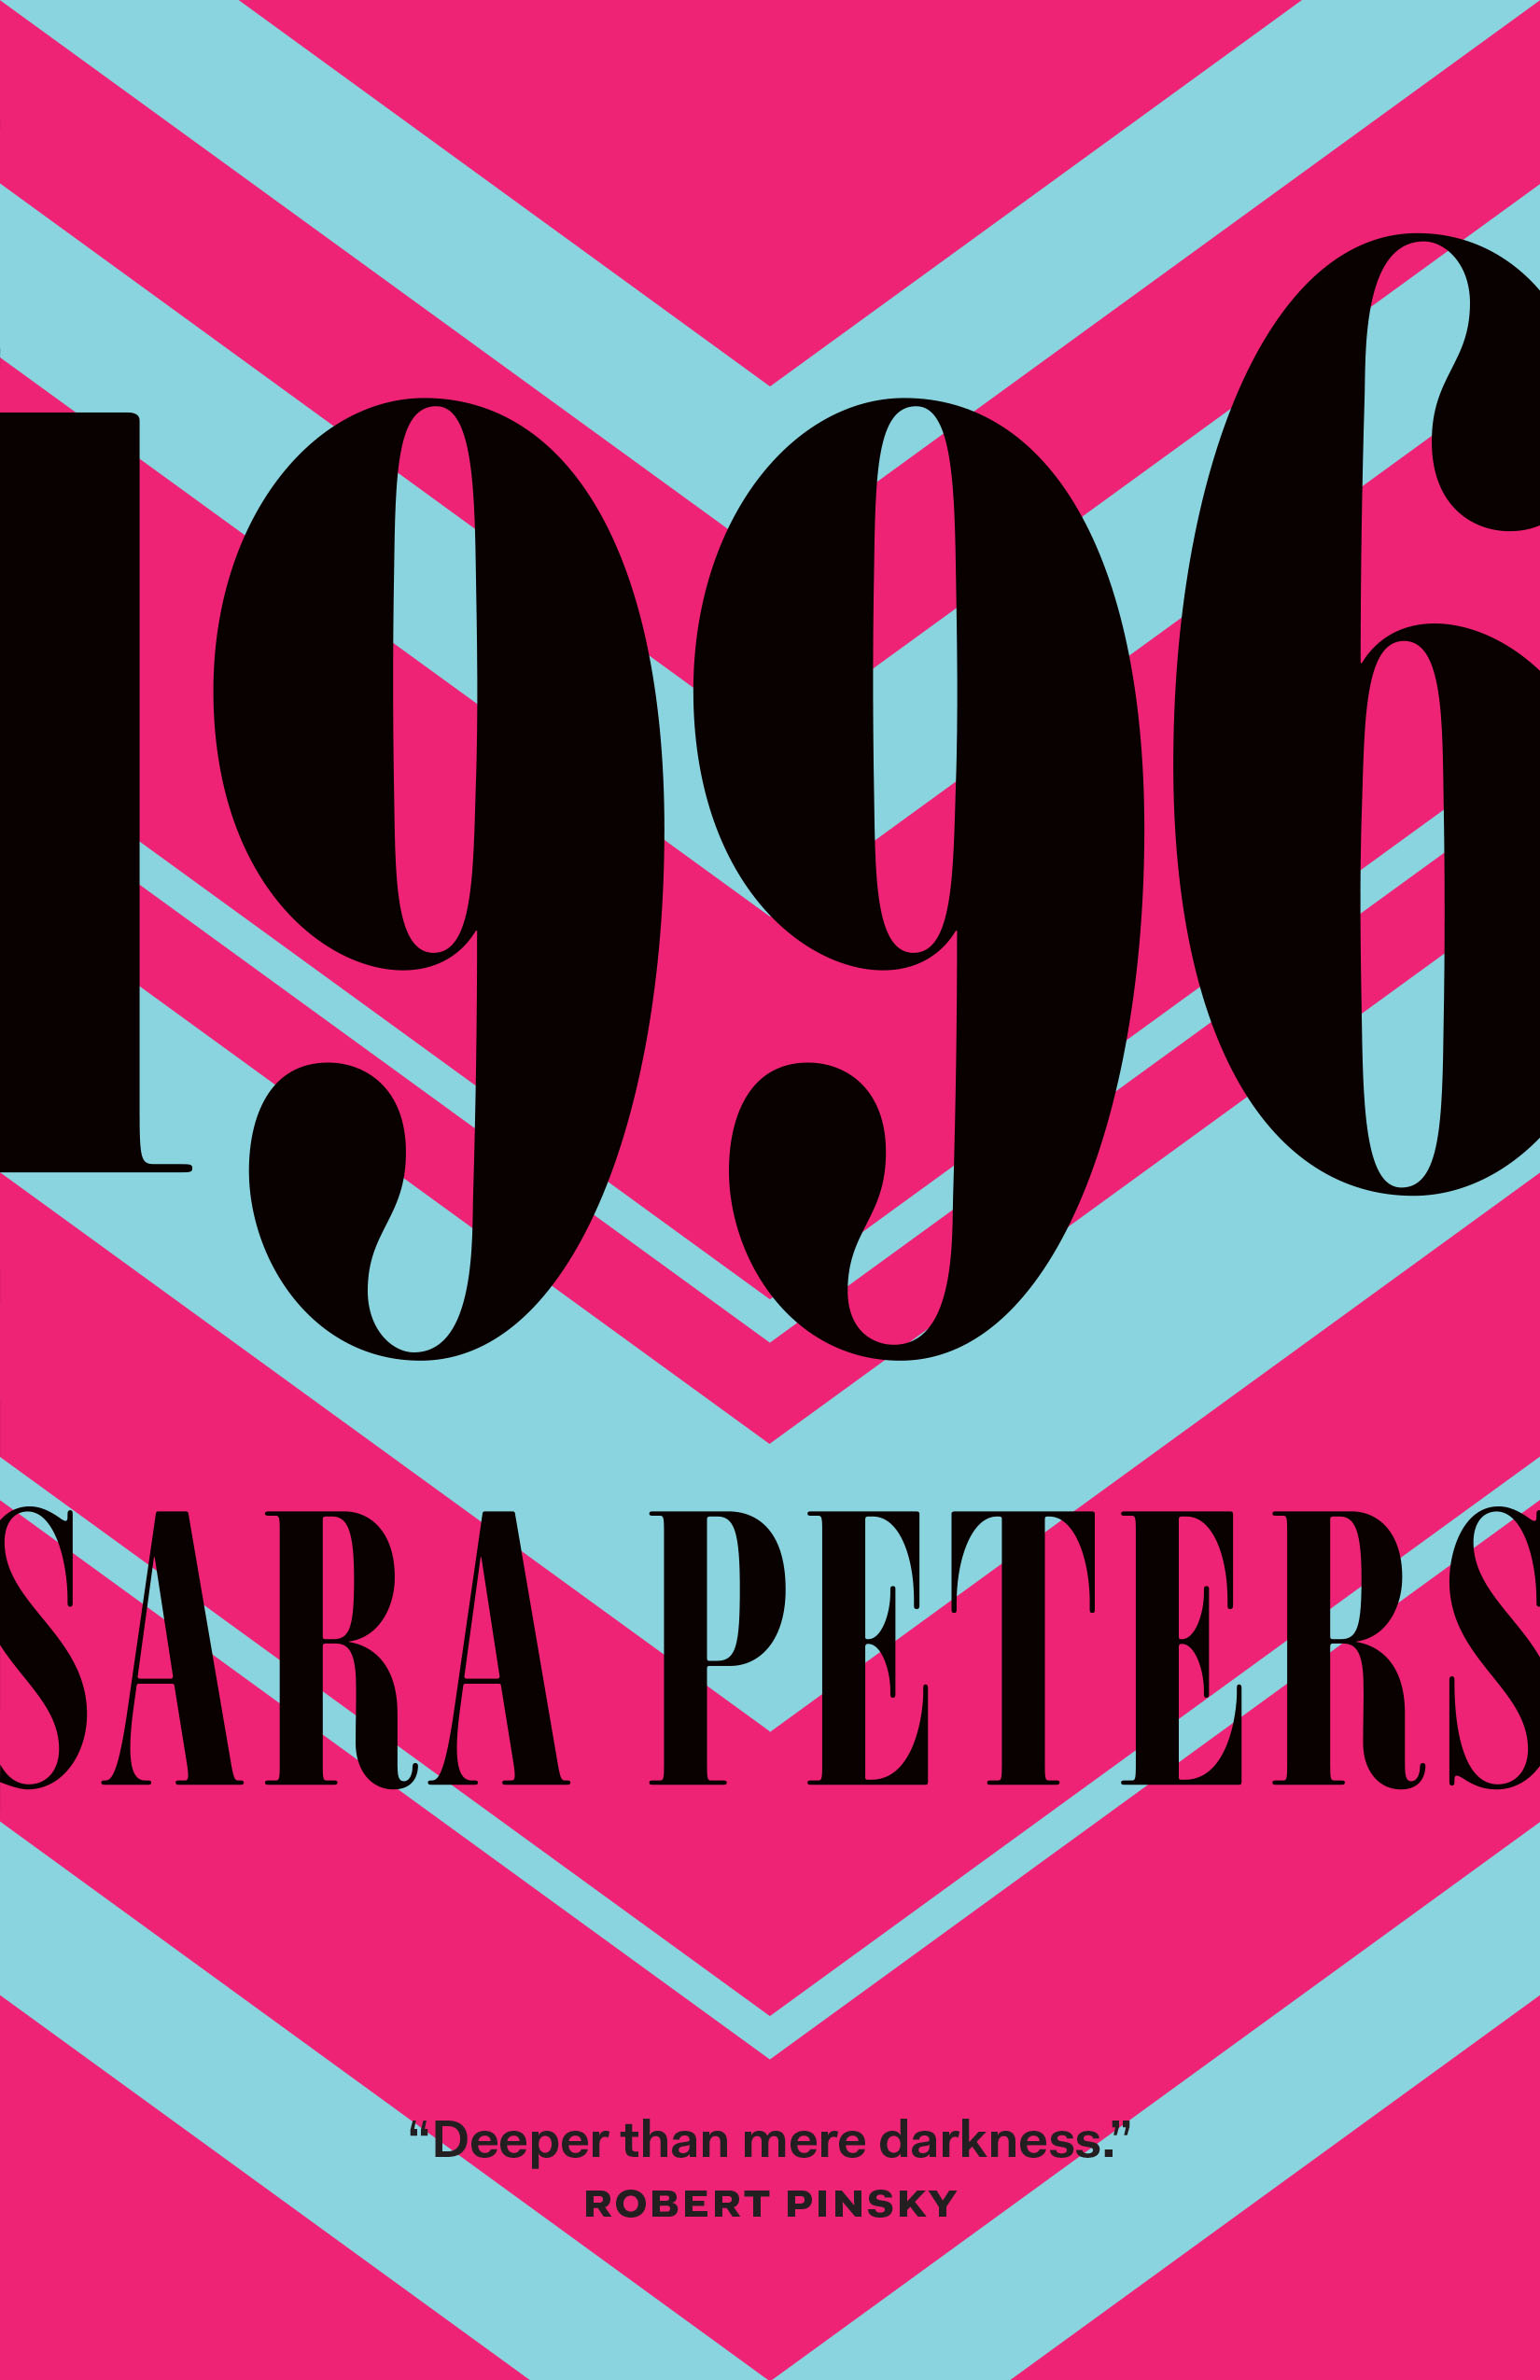 1996 Sara Peters